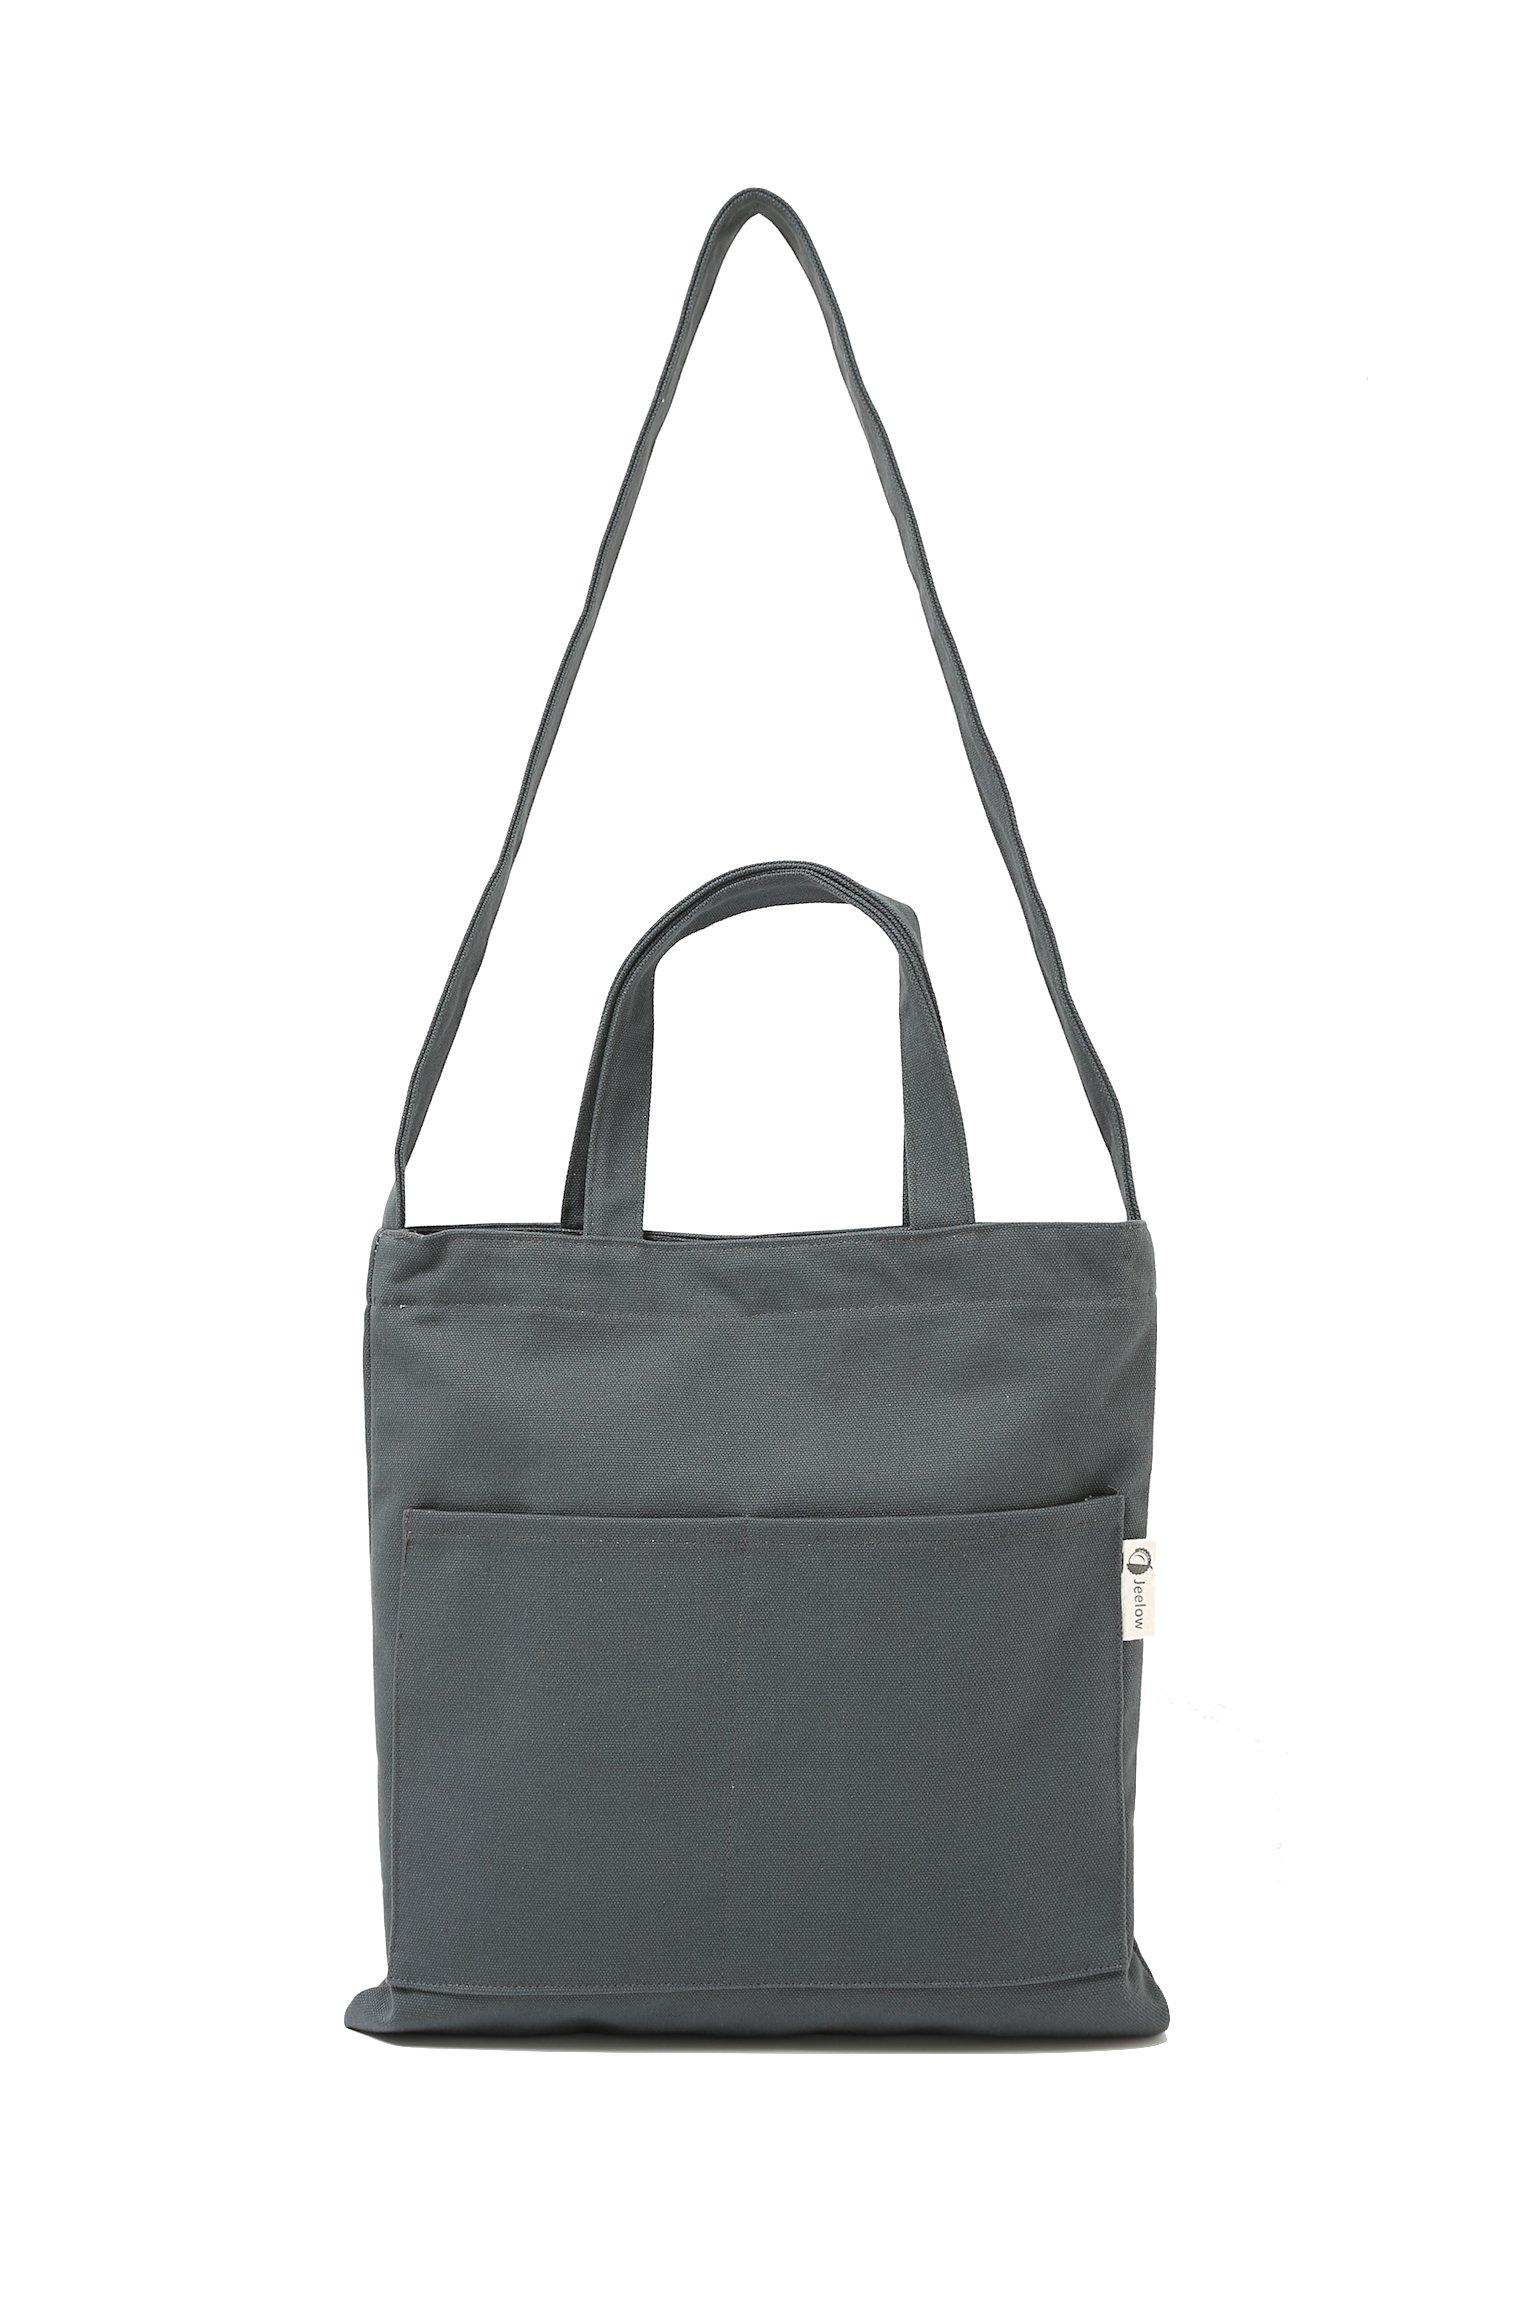 Canvas Tote Handbag Shoulder Bag Crossbody Bags Purses For Men And Women (Grey Pocket)